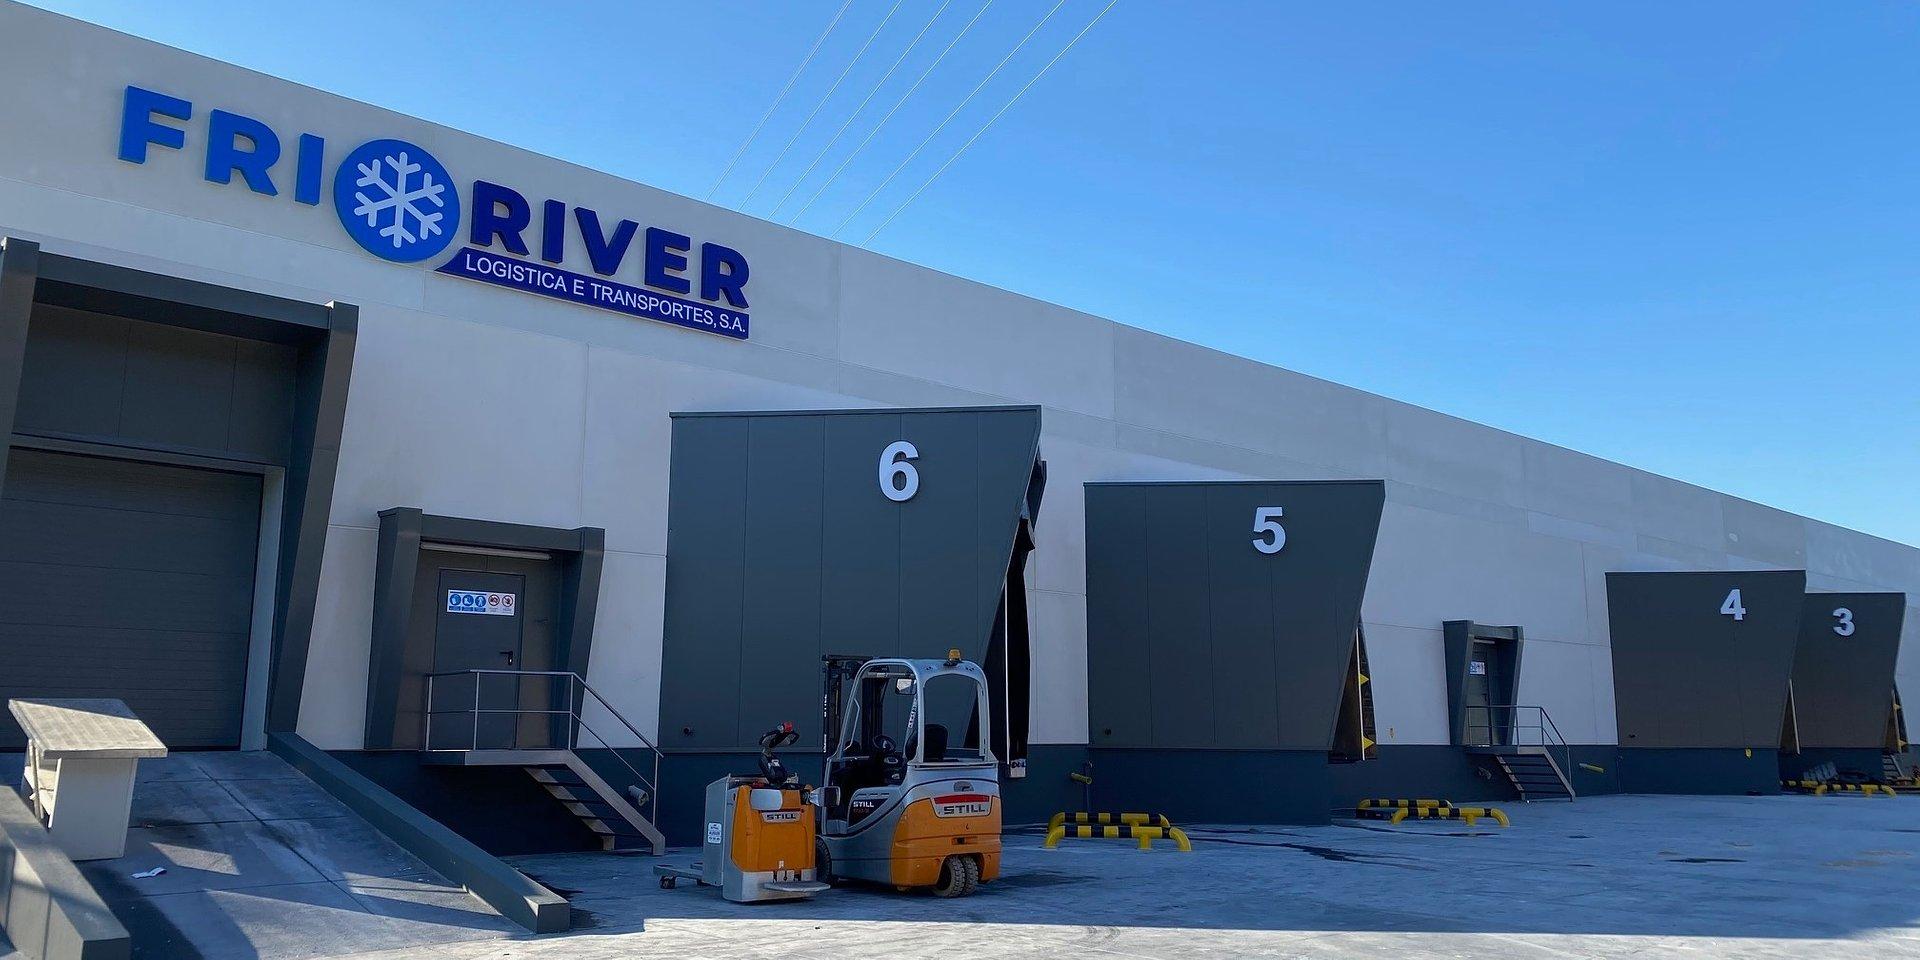 Grupo Costa & Ferreira implementa solução WMS da Generix Group no seu novo operador logístico